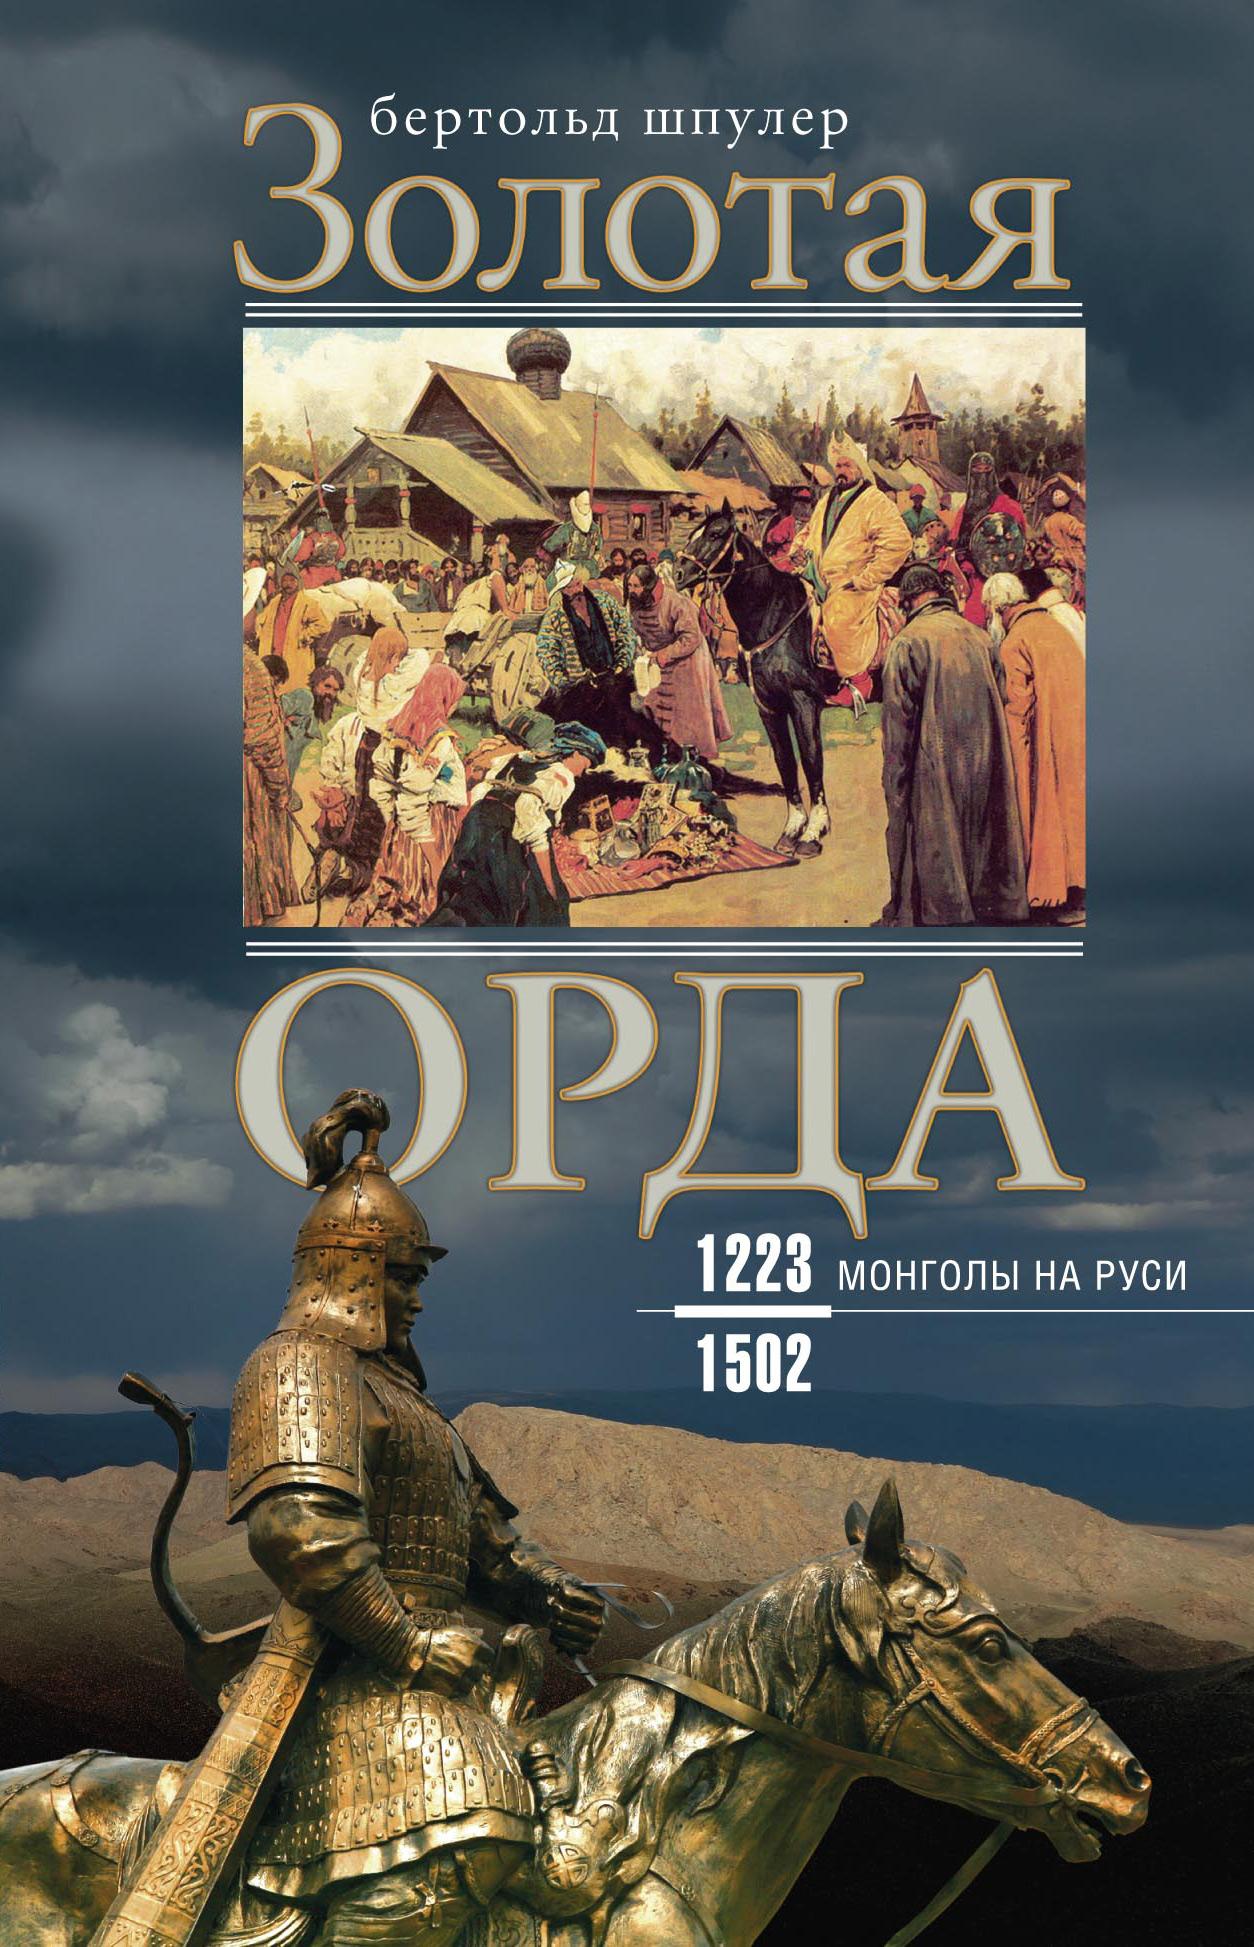 Золотая орда: история развития и падения великого государства